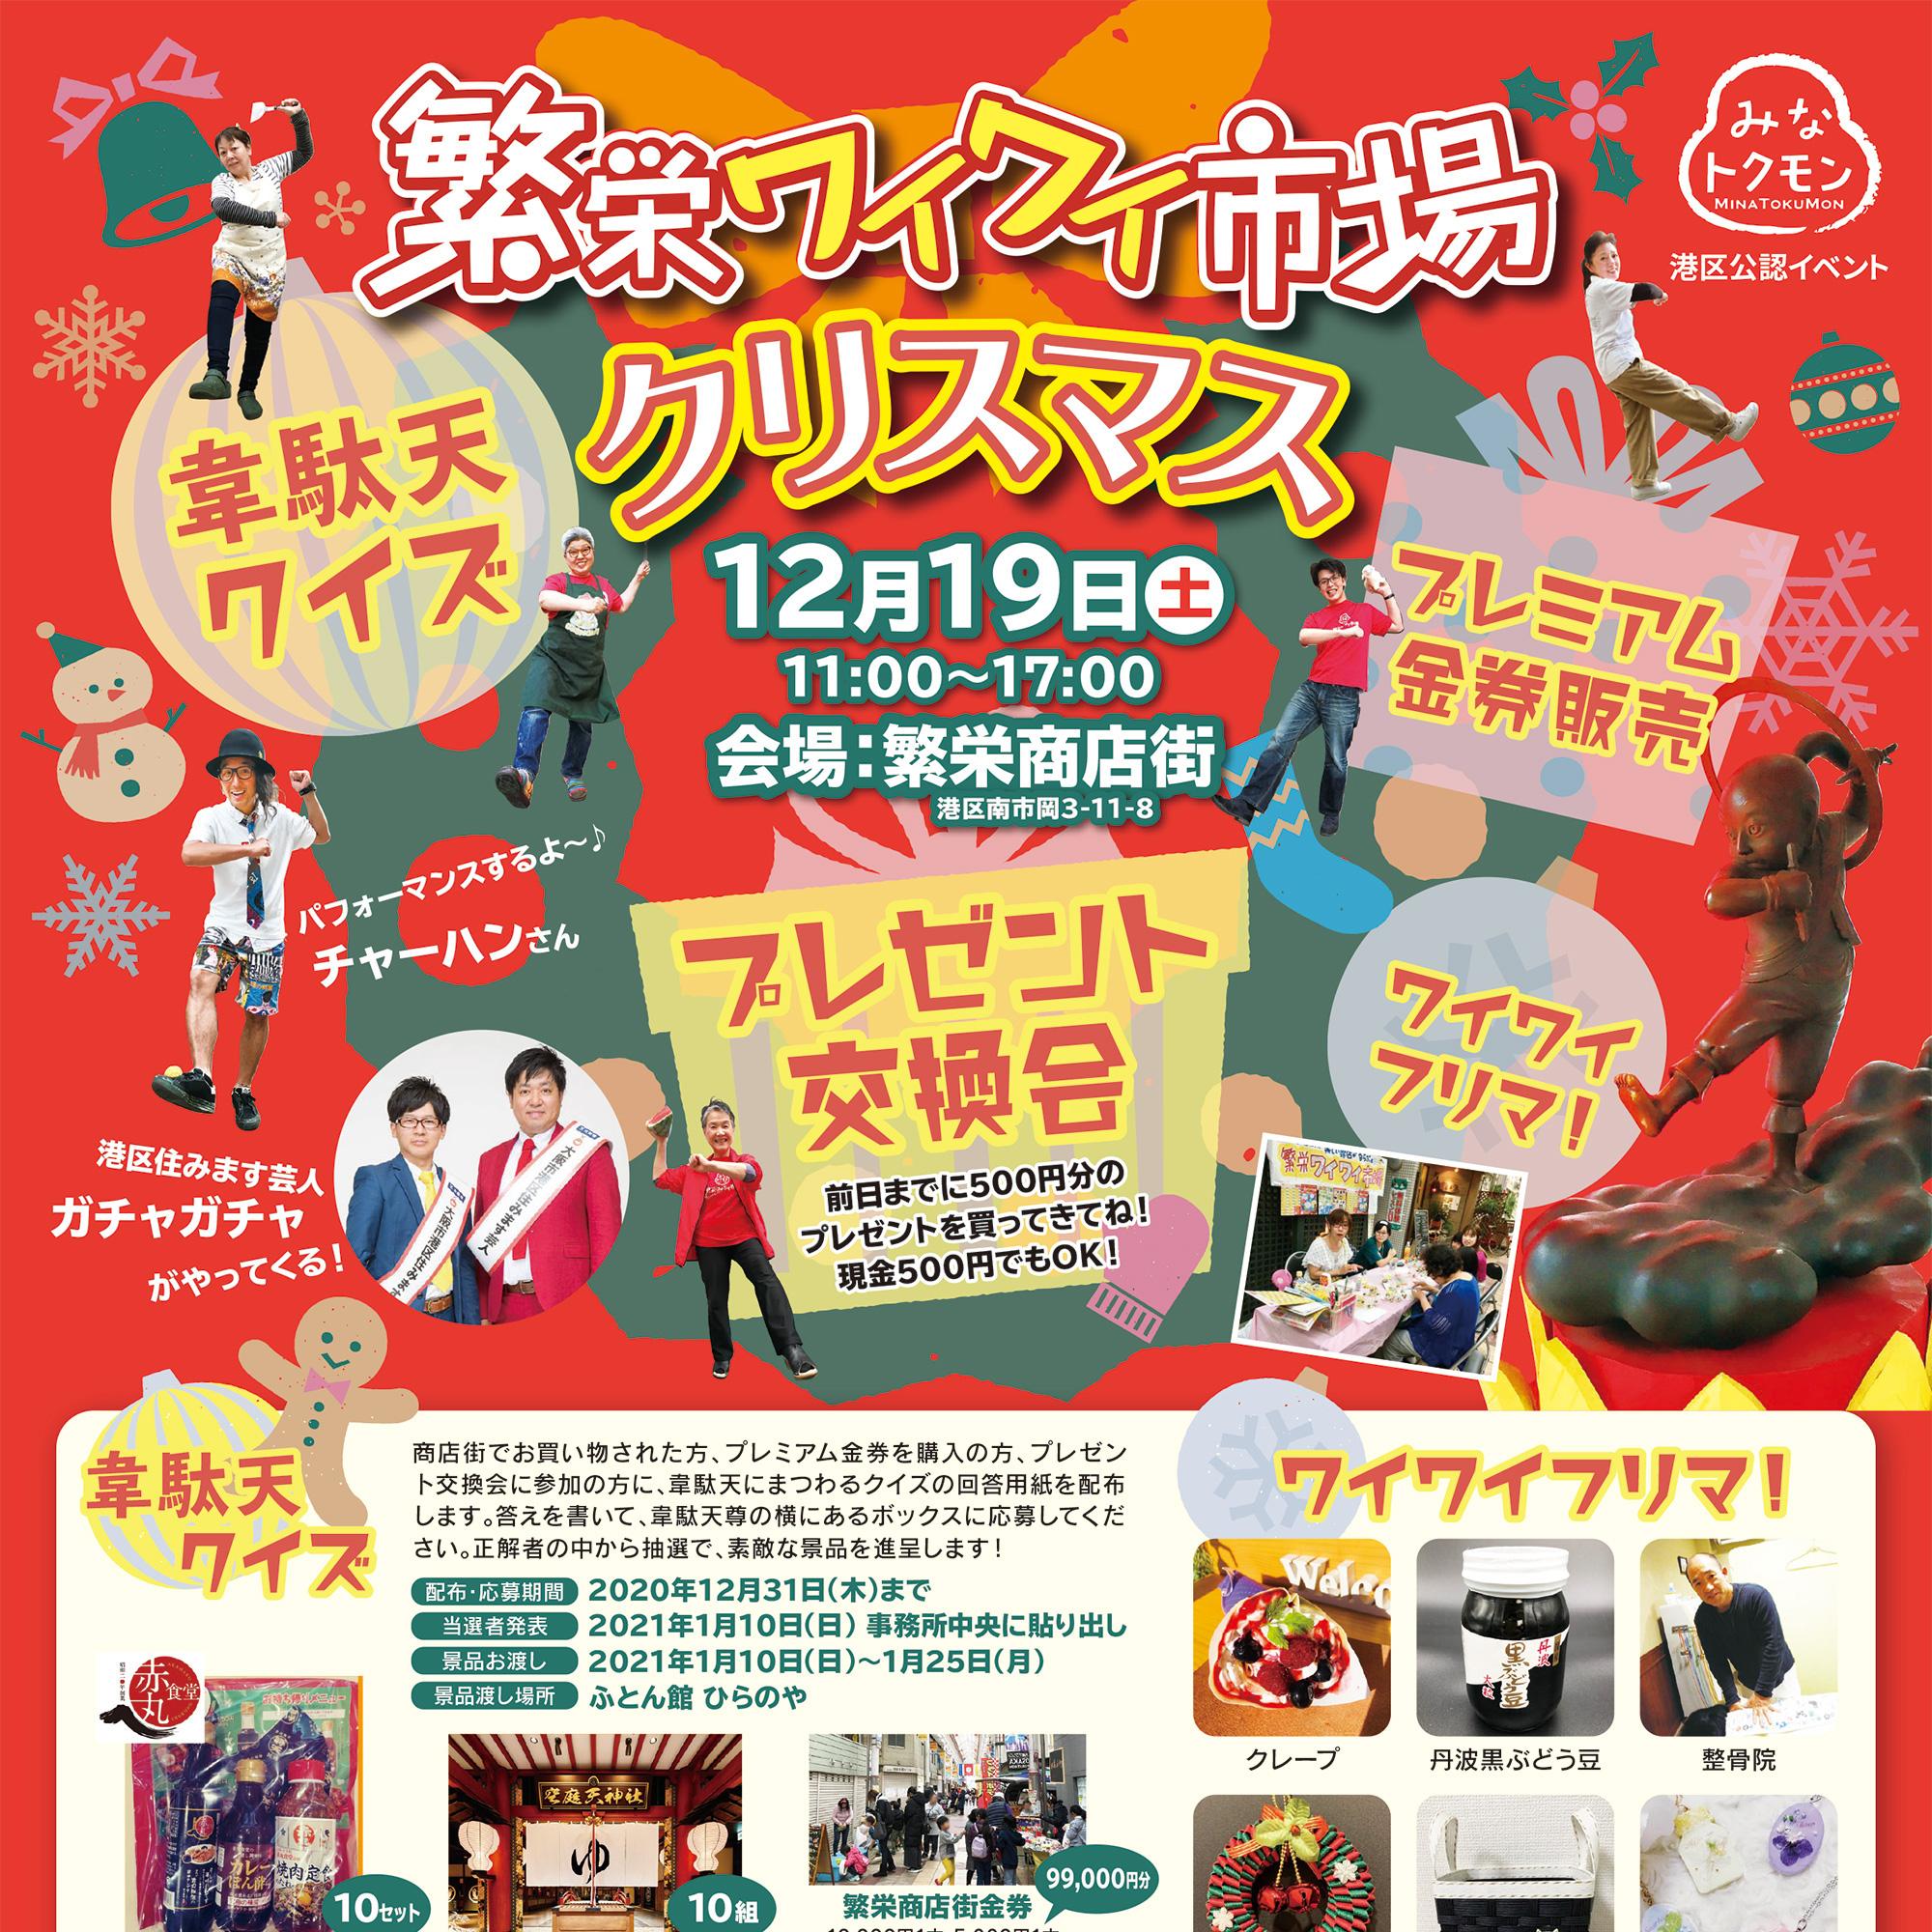 繁栄ワイワイ市場クリスマス|2020.12.19 繁栄商店街 (大阪市港区)